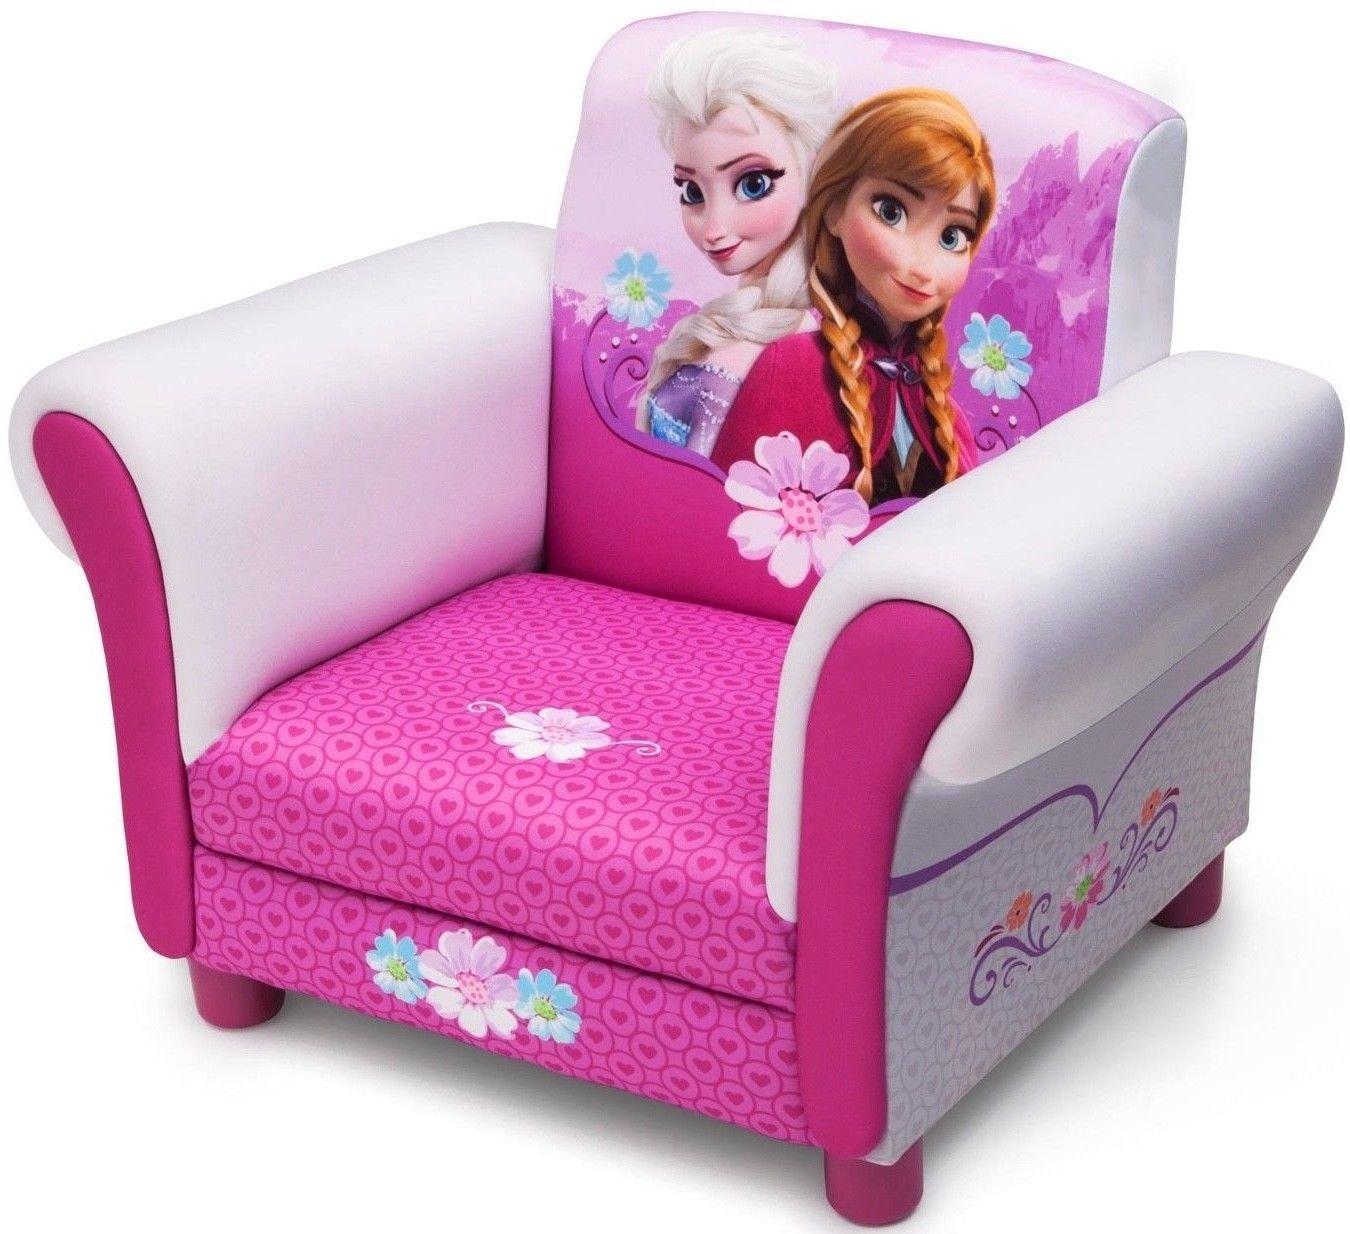 Minnie Mouse Sessel Kindersitz Kindersofa Kindersessel Disney Minni ...